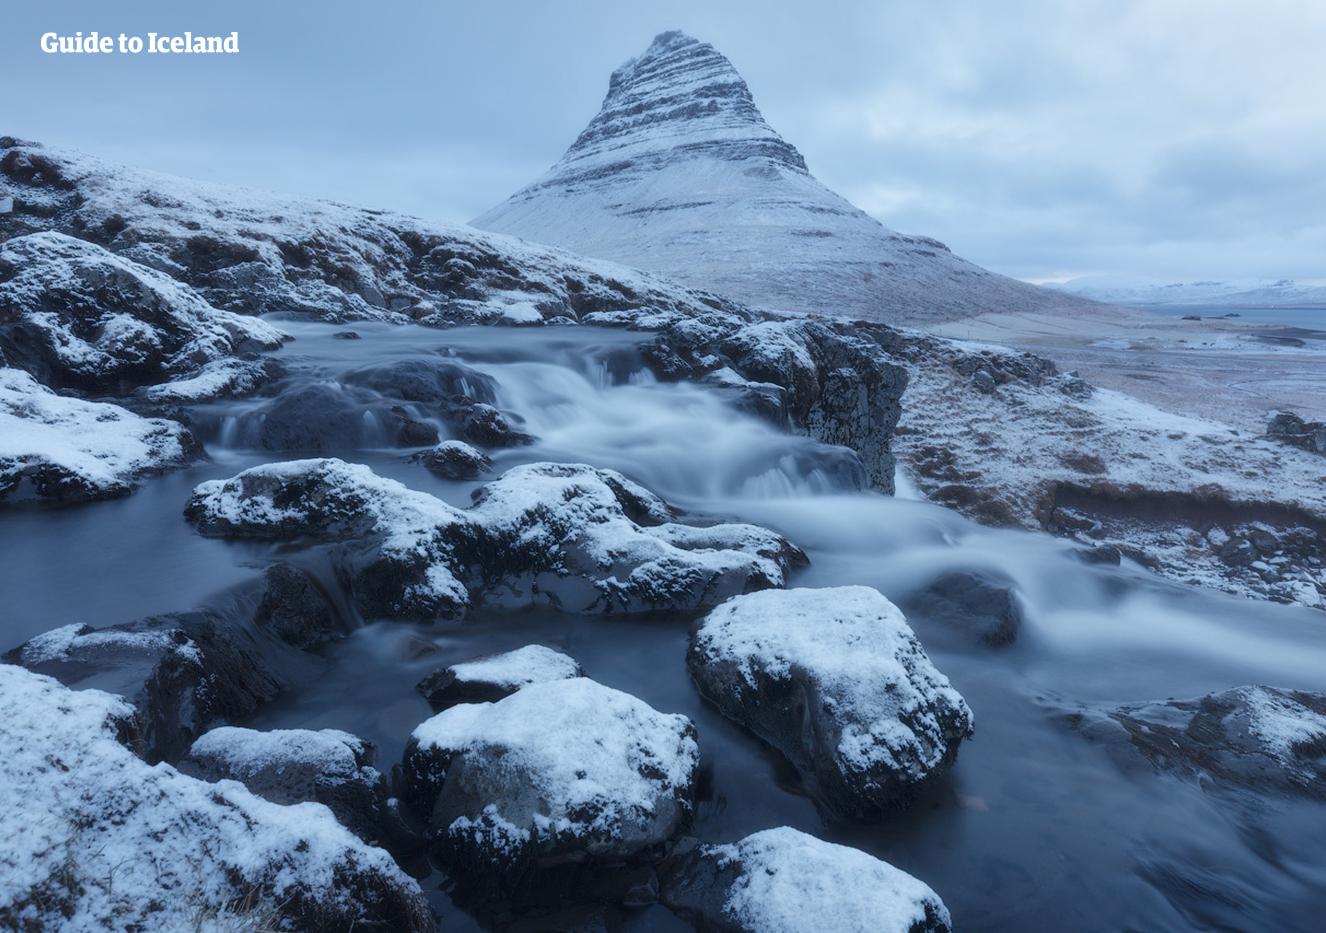 Der Berg Kirkjufell ist im Winter wie im Sommer der meistfotografierte Berg Islands.